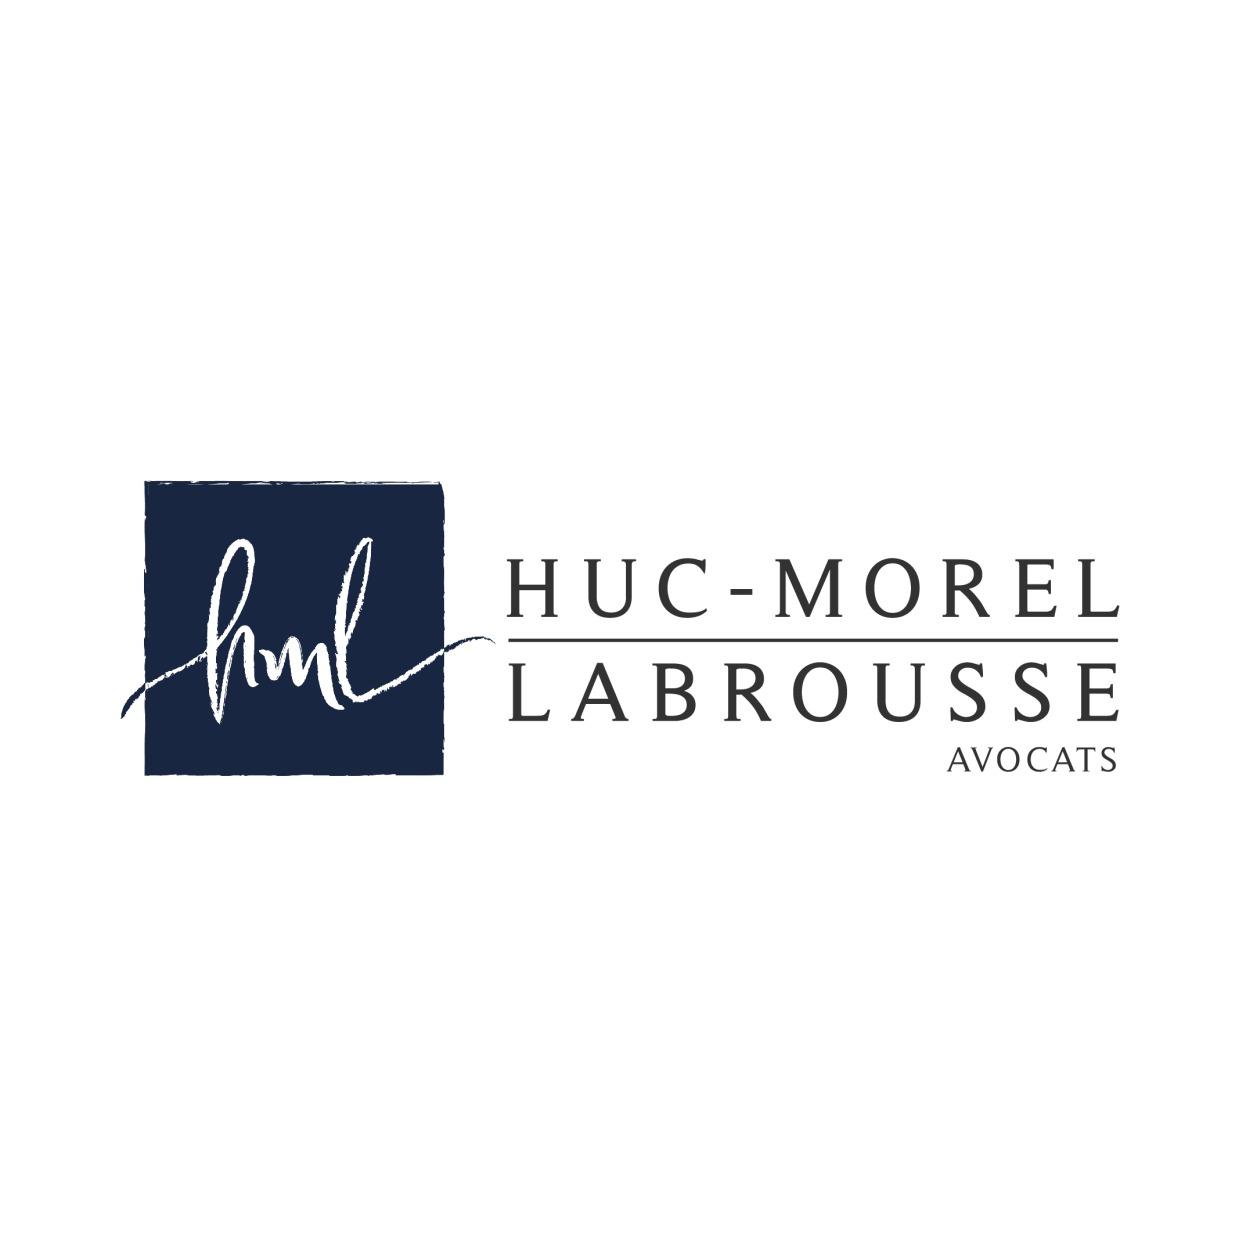 the Huc-Morel Labrousse Associés logo.